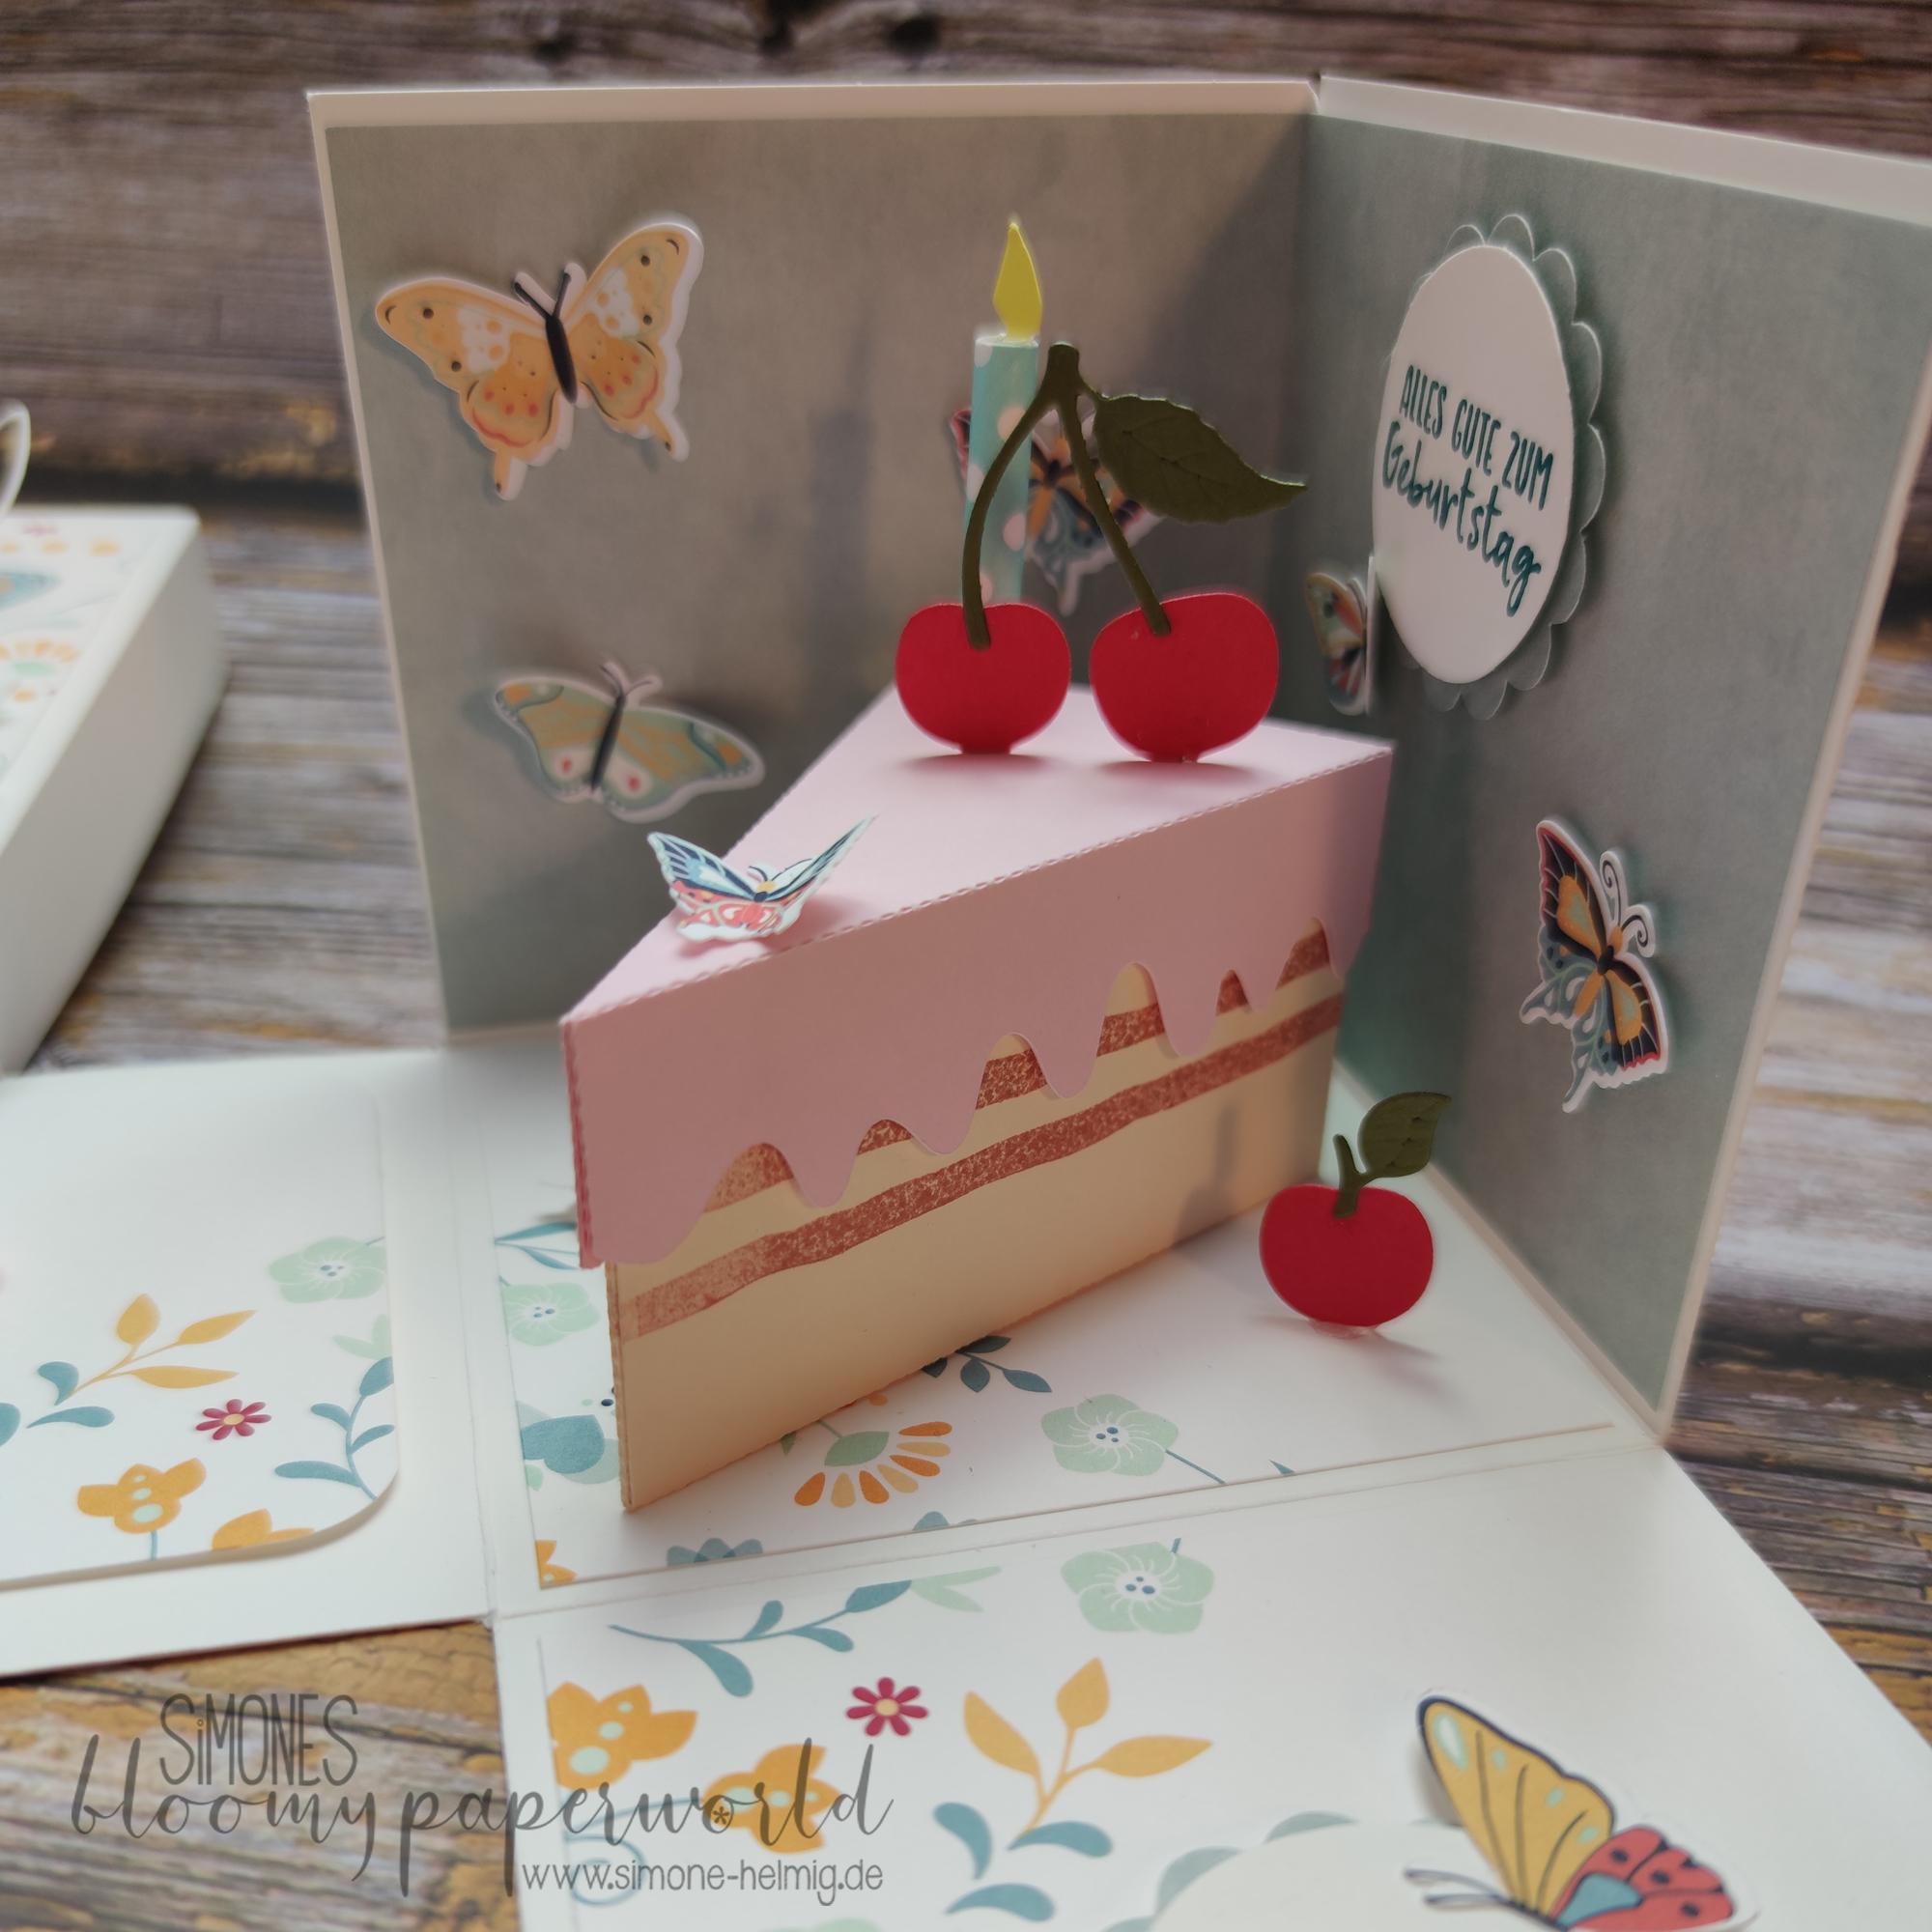 Kirschtorte und Schmetterlinge zum Geburtstag